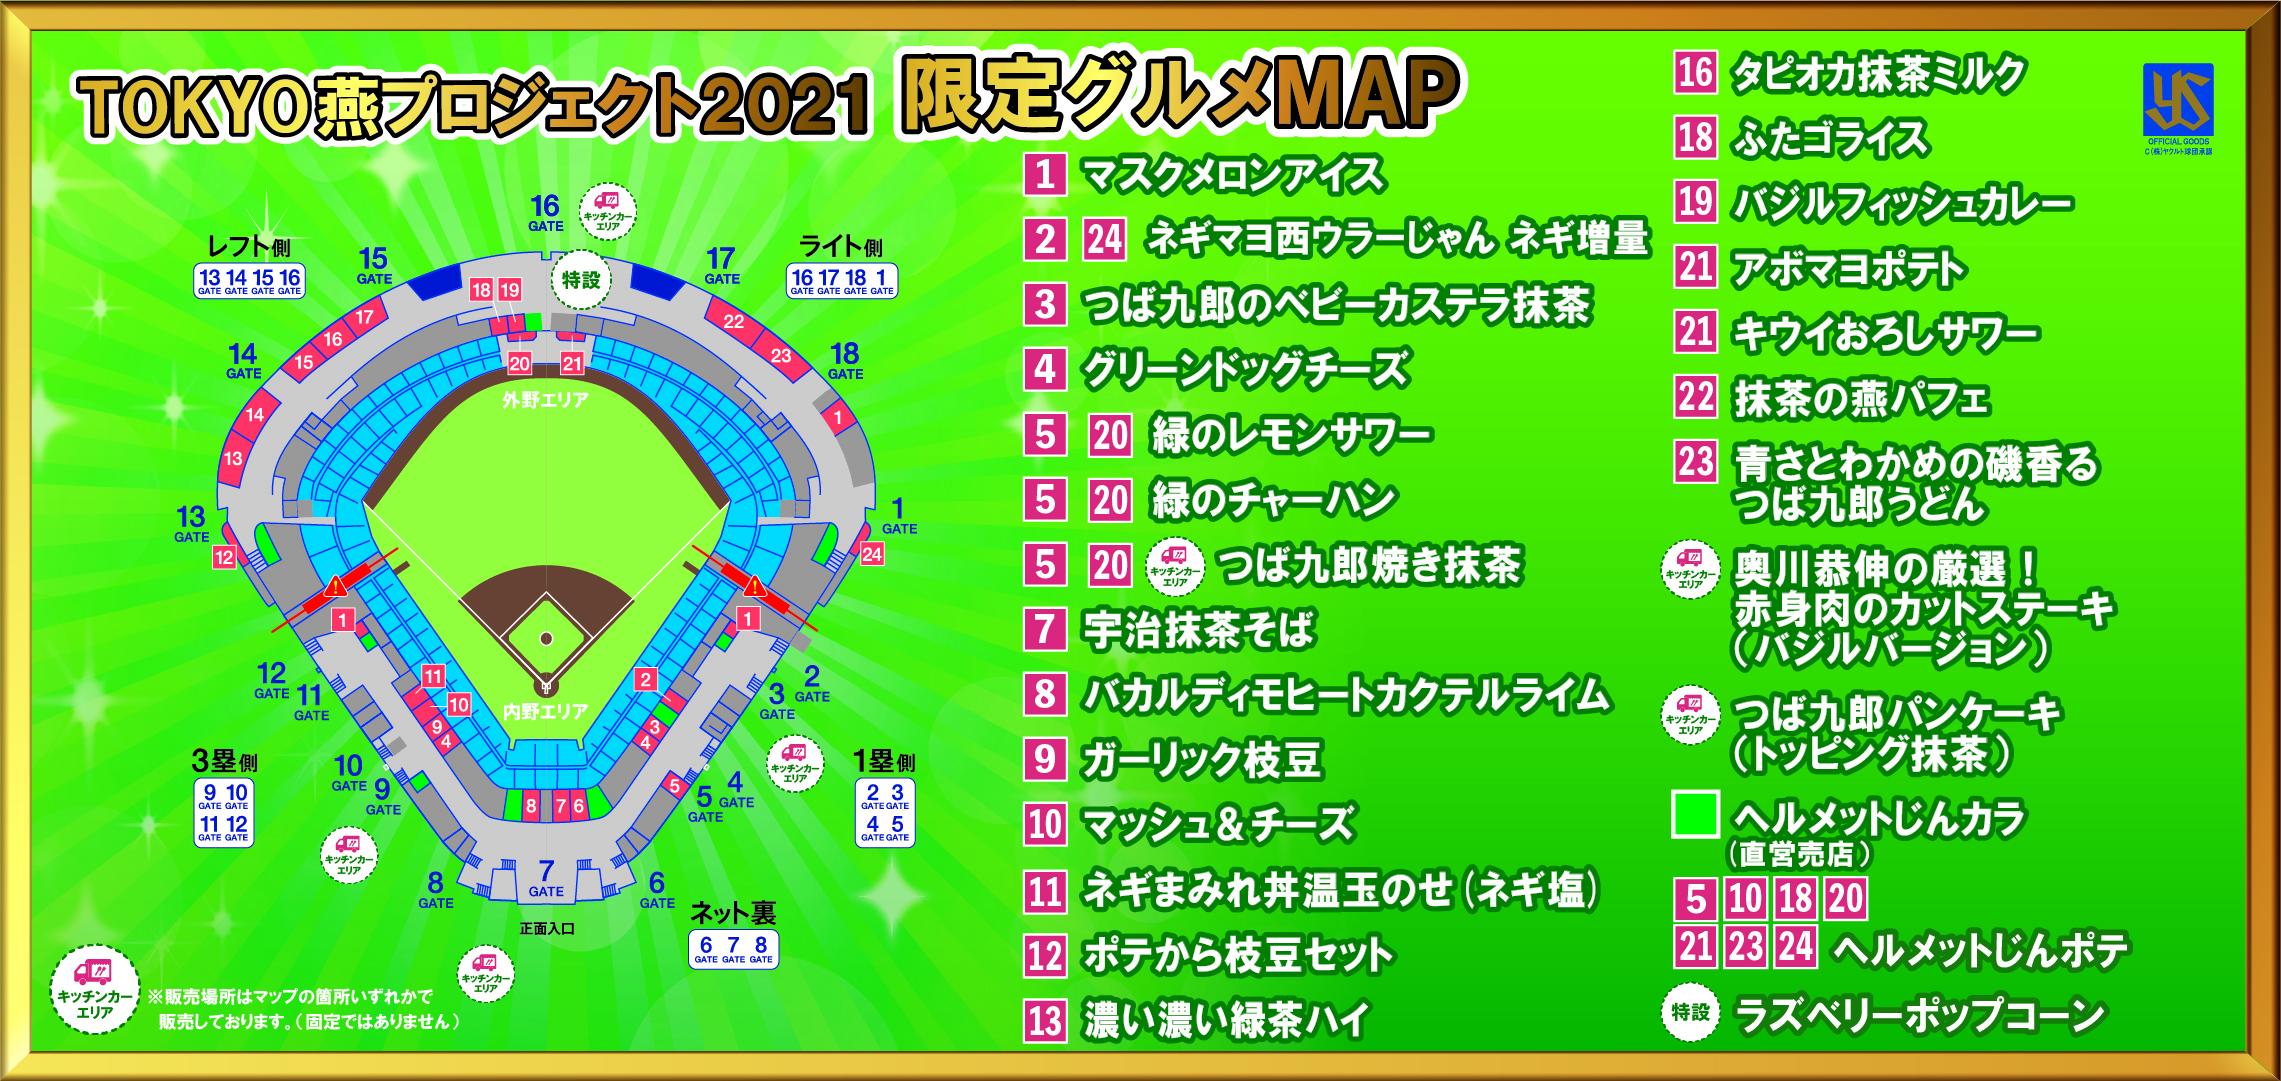 イベント当日のグルメマップ